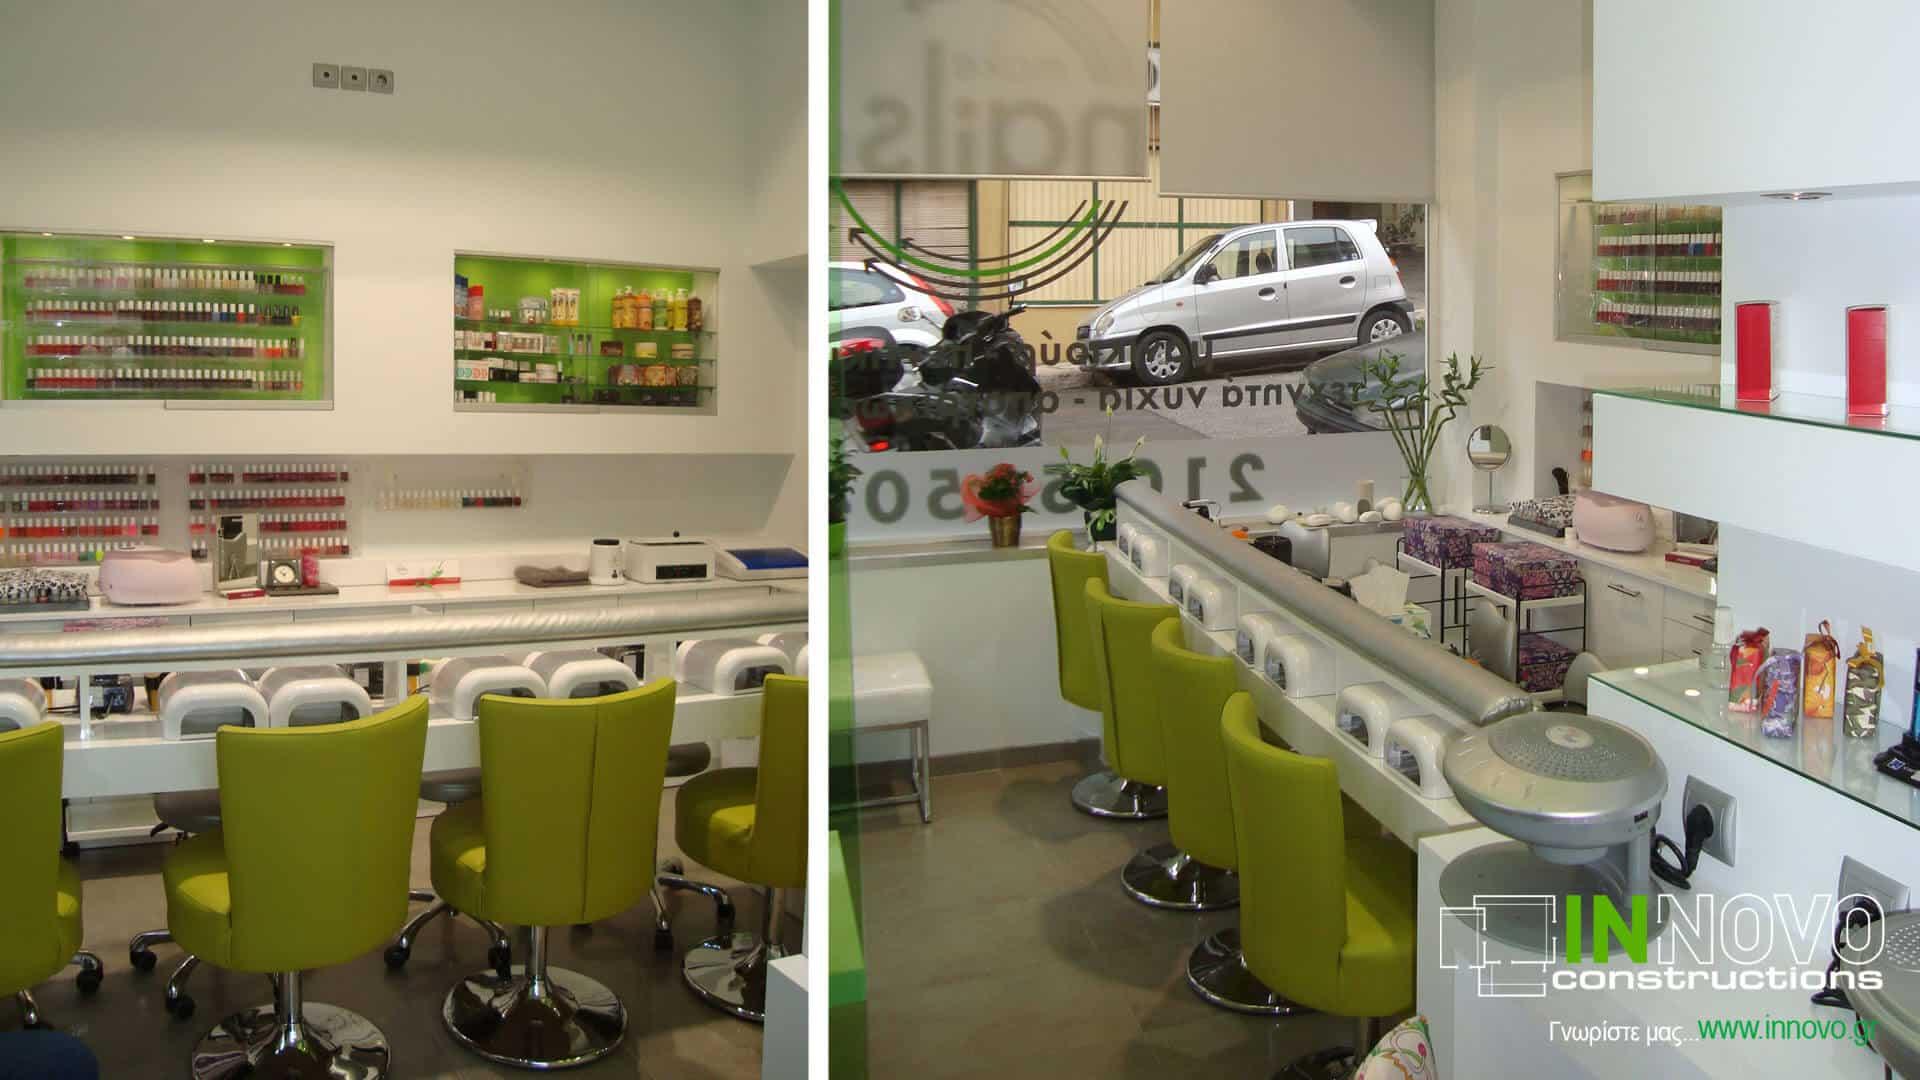 1-anakainisi-kommotiriou-hairdressers-renovation-pentikiour-perissos-1166-3